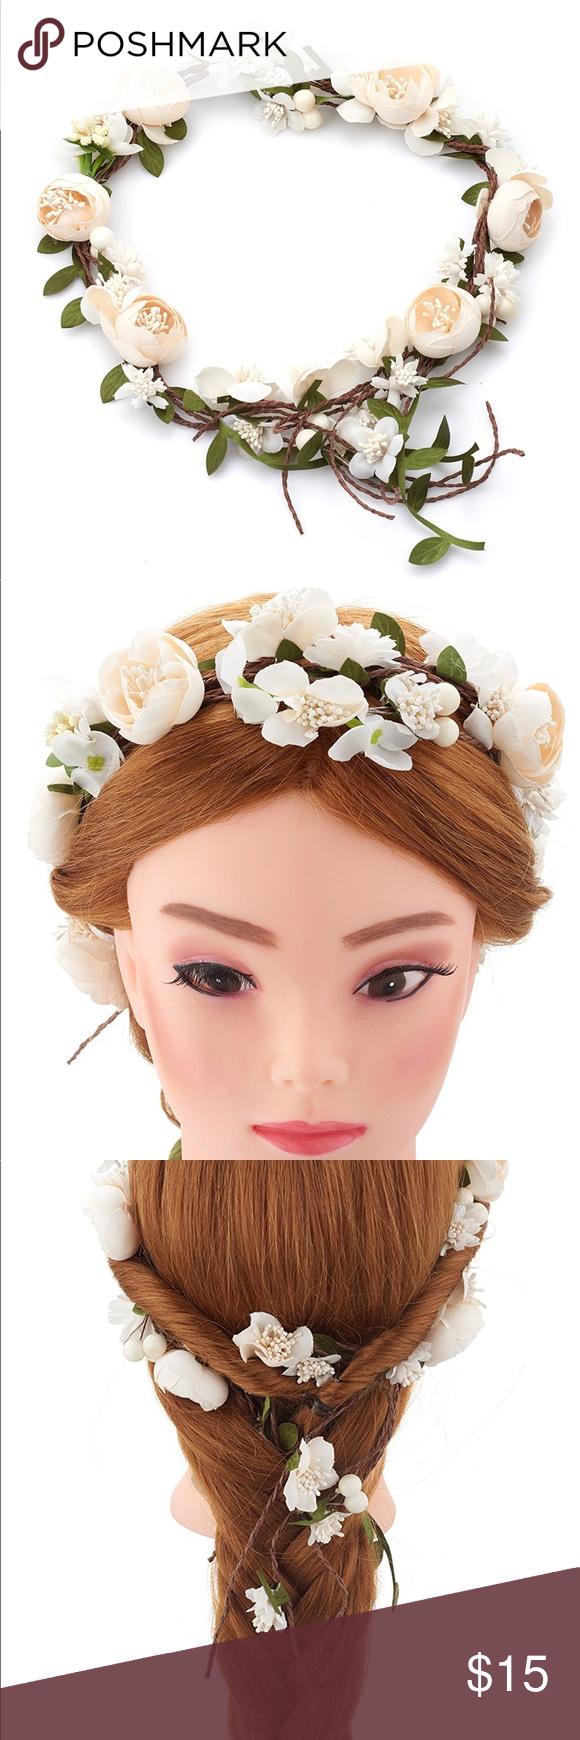 Vintage flower crown flower crowns crown and hair accessories vintage flower crown izmirmasajfo